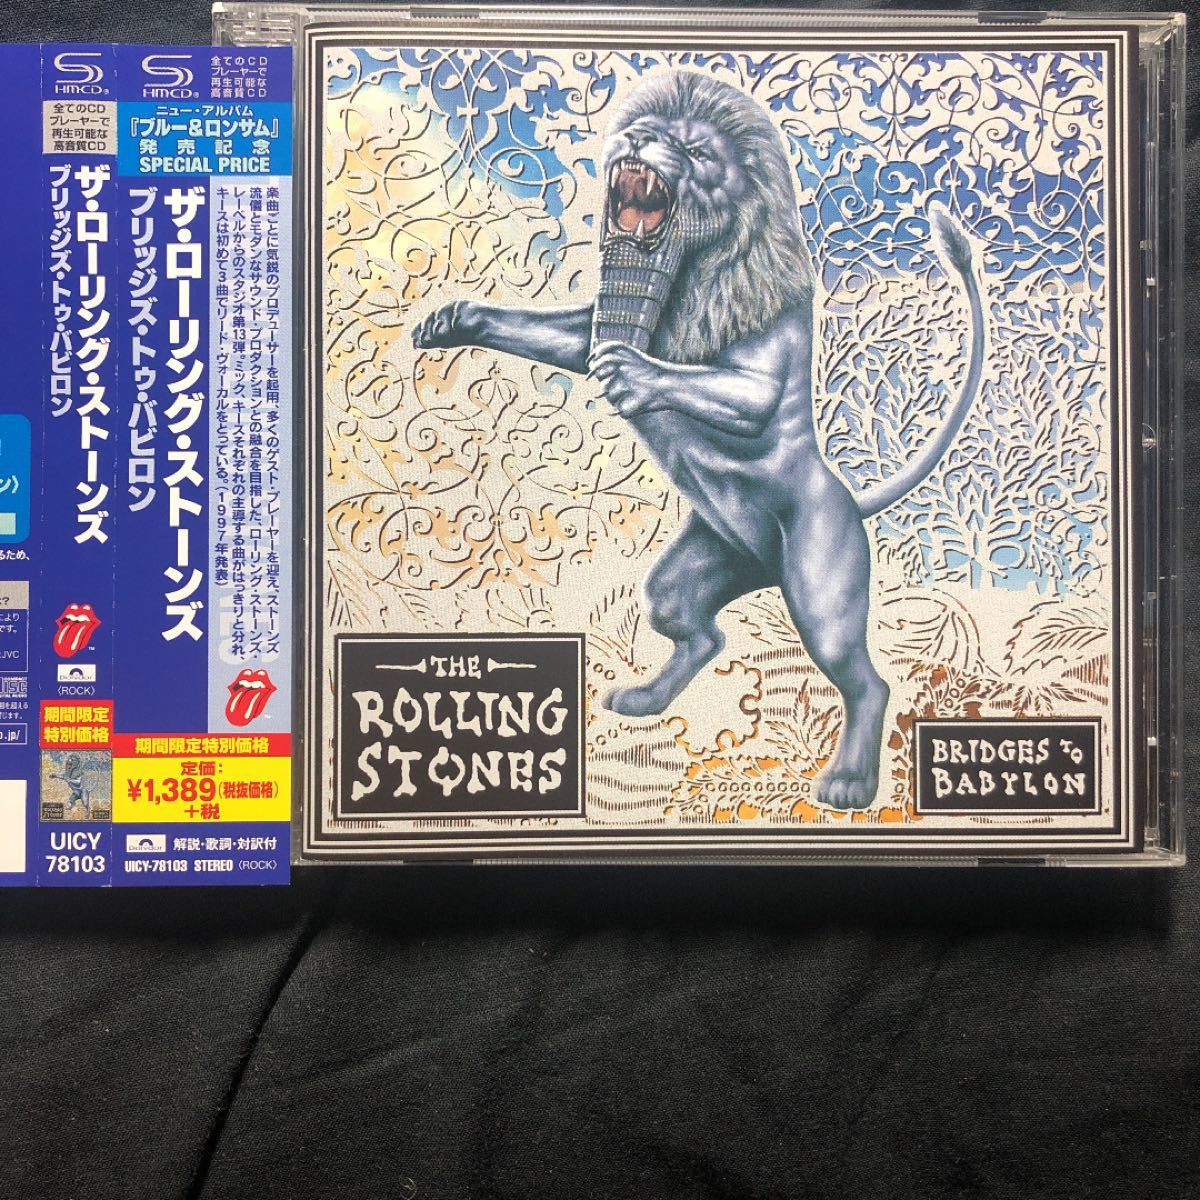 ザ・ローリング・ストーンズ【高音質SHM-CD】ブリッジズ・トゥ・バビロン